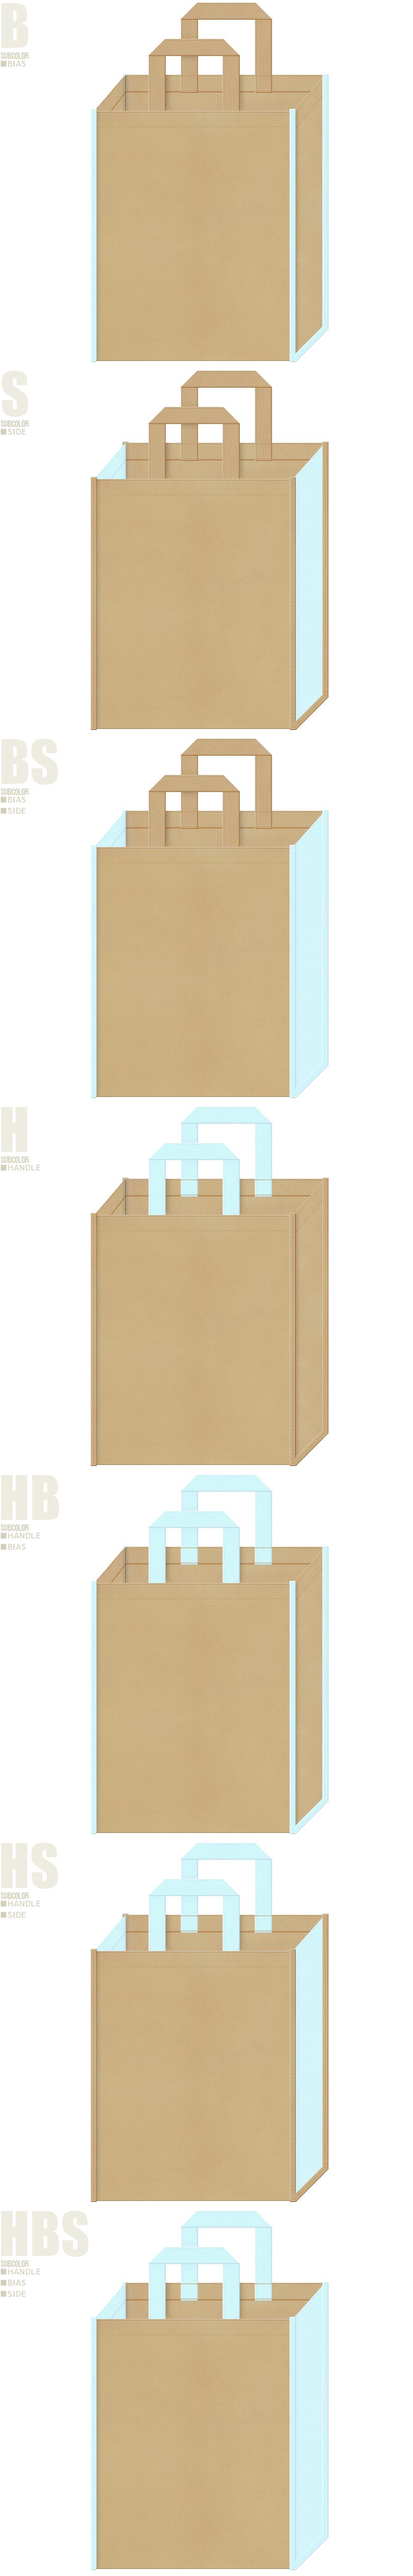 不織布バッグのデザイン:カーキ色と水色の配色7パターン